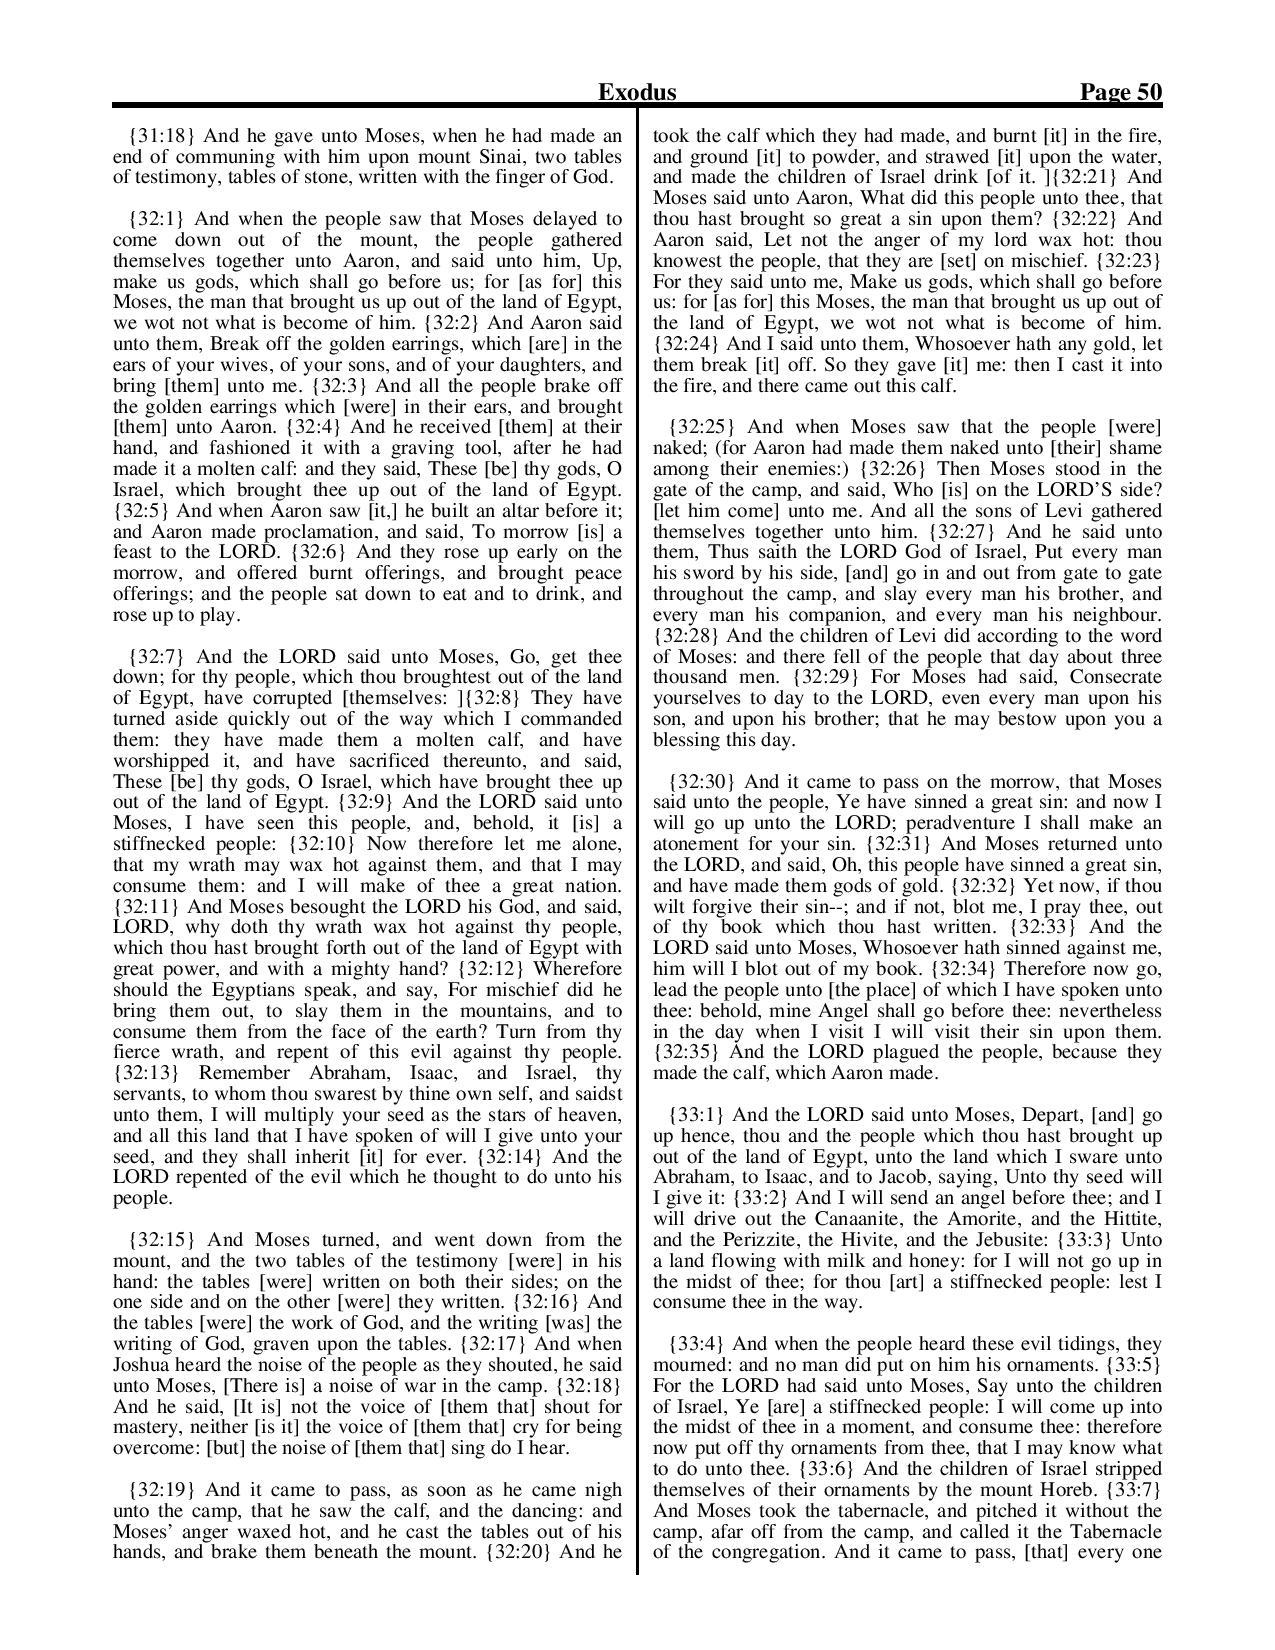 King-James-Bible-KJV-Bible-PDF-page-071